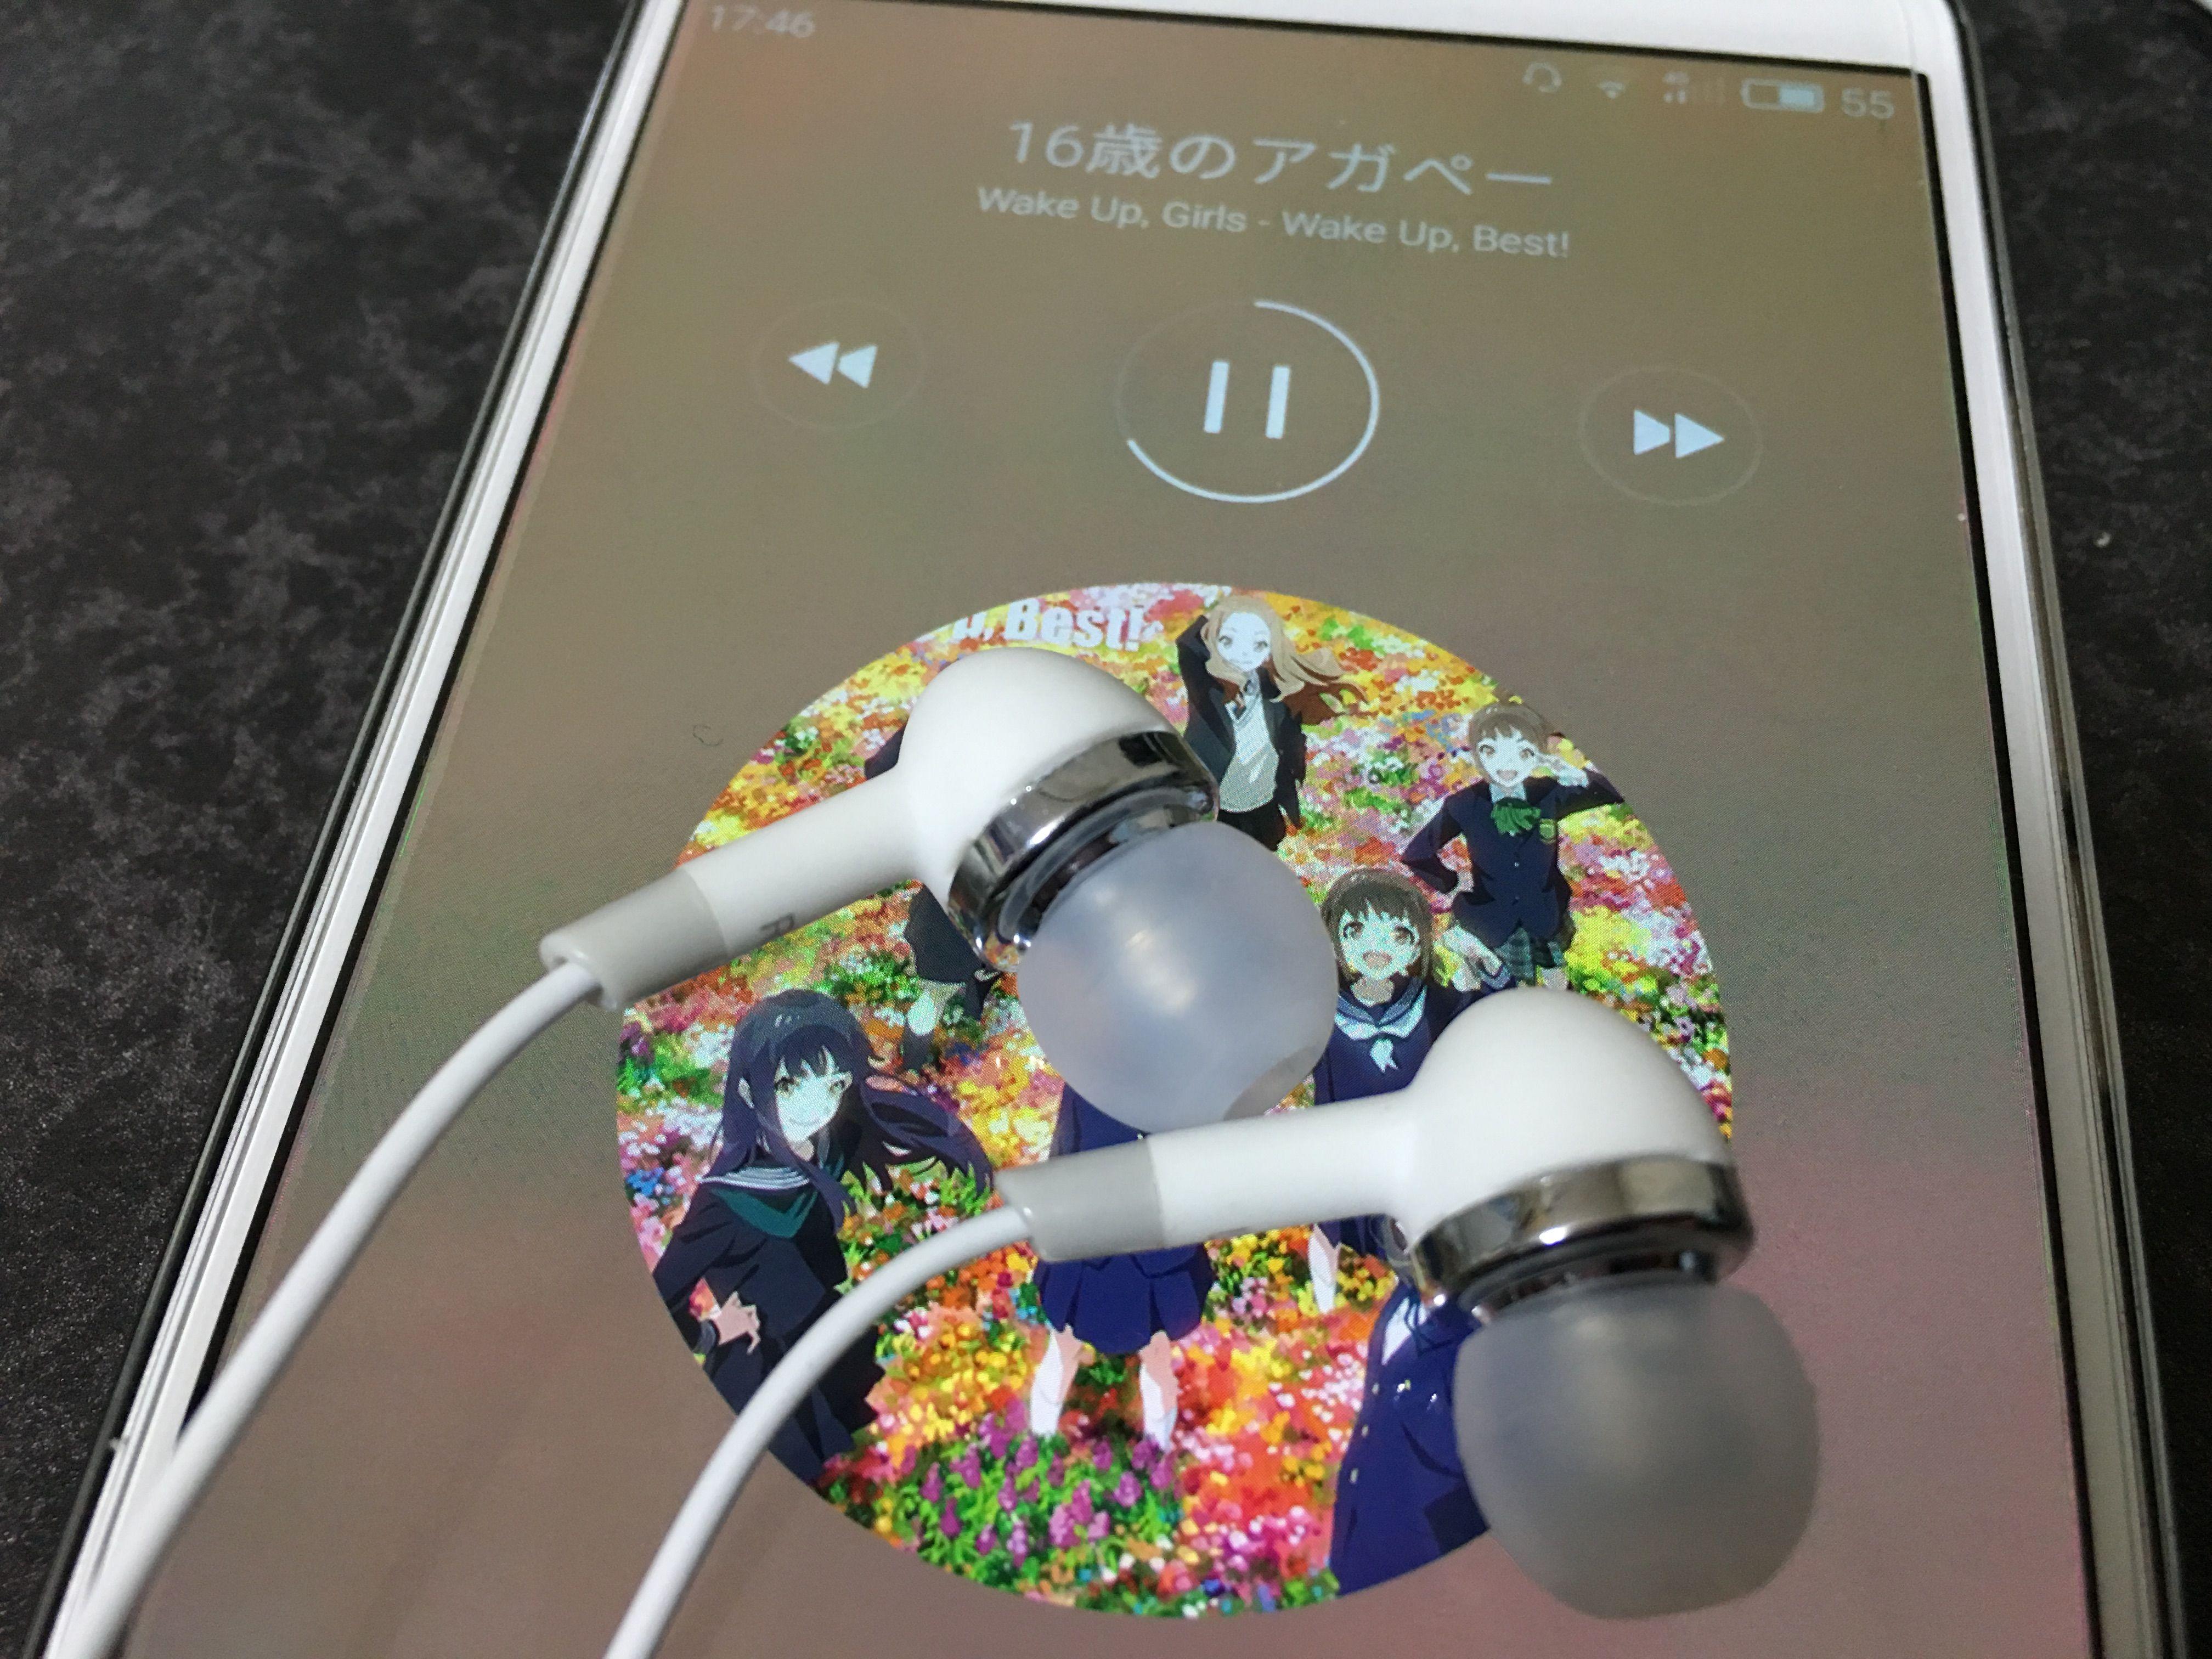 2014年度のMeizu製イヤホン、EP30HDのレビュー